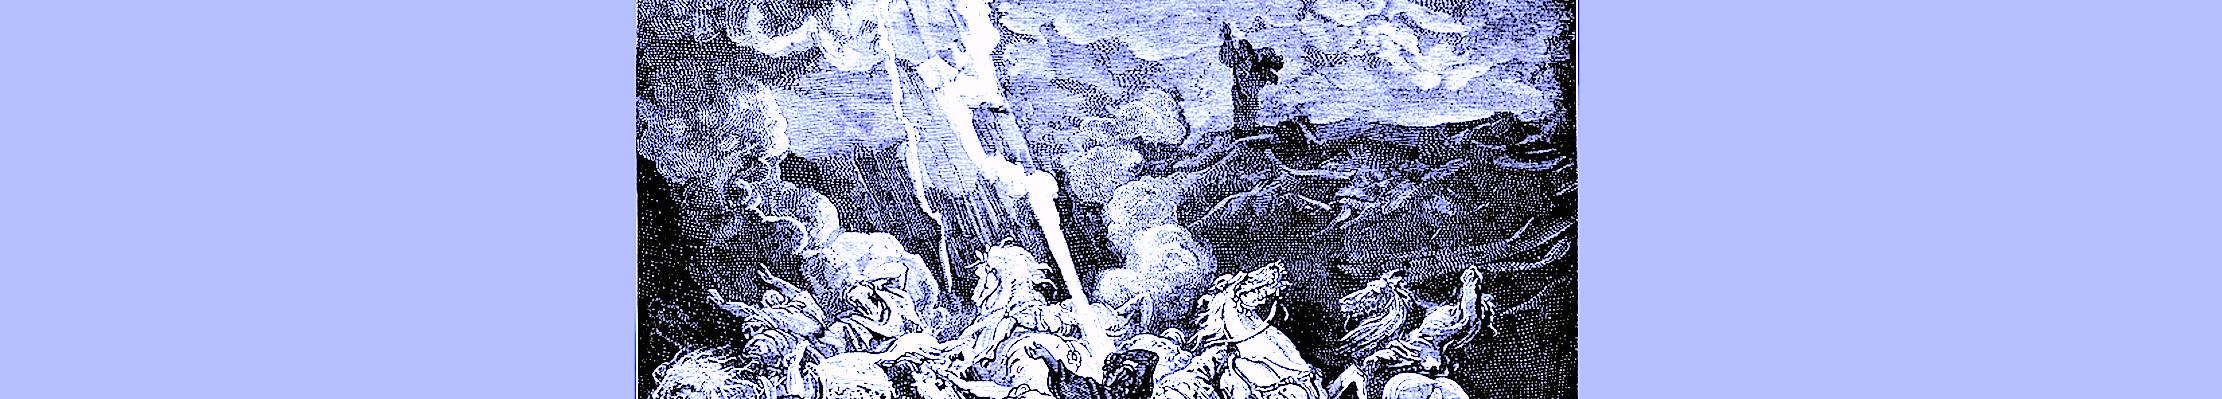 Пророк Илия уничтожает посланников царя Охозии.